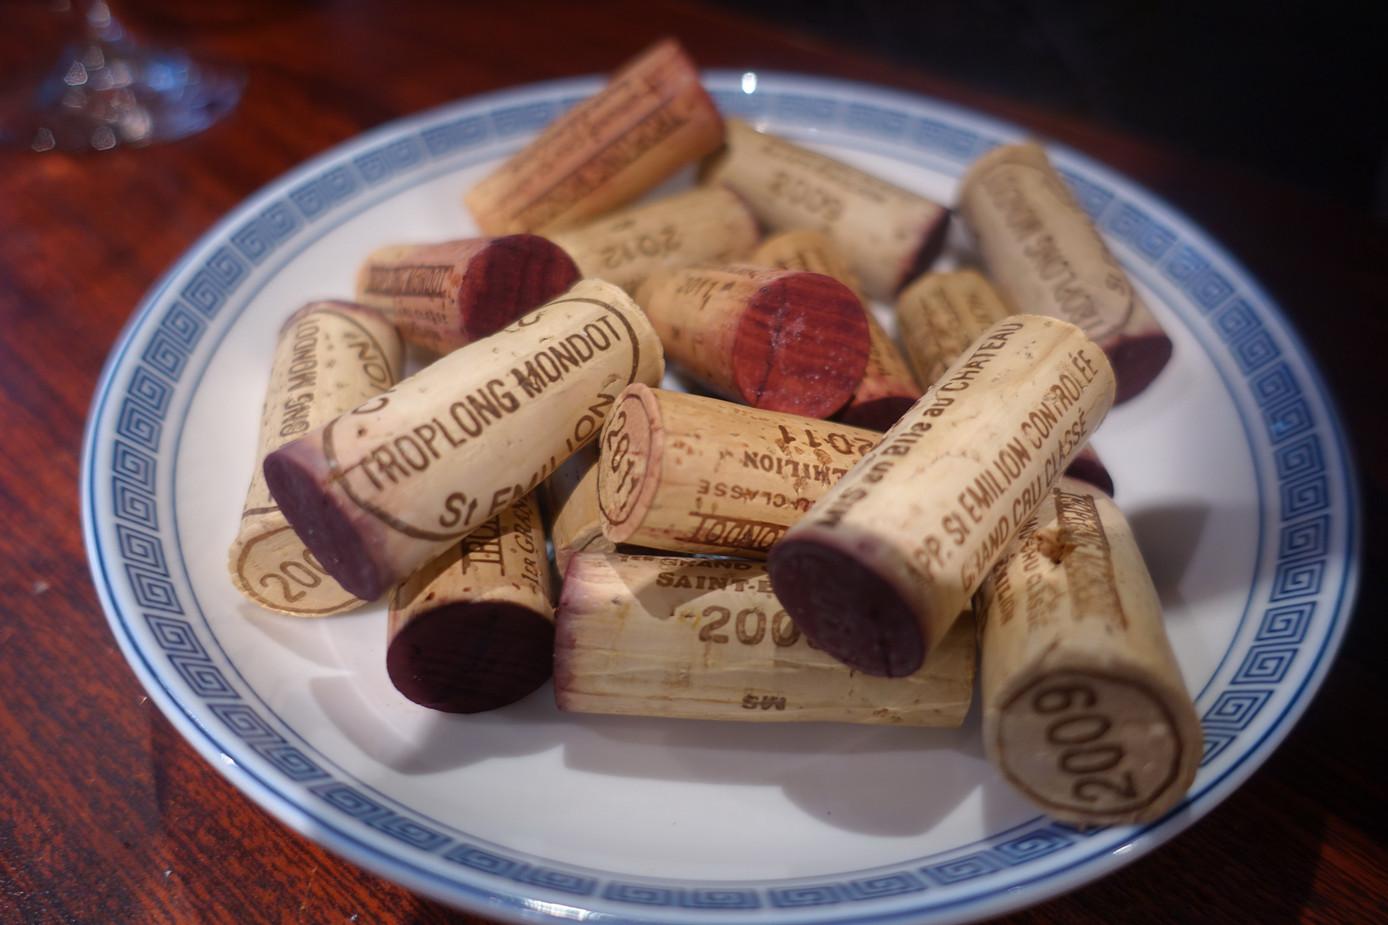 Corks of Château Troplong Mondot